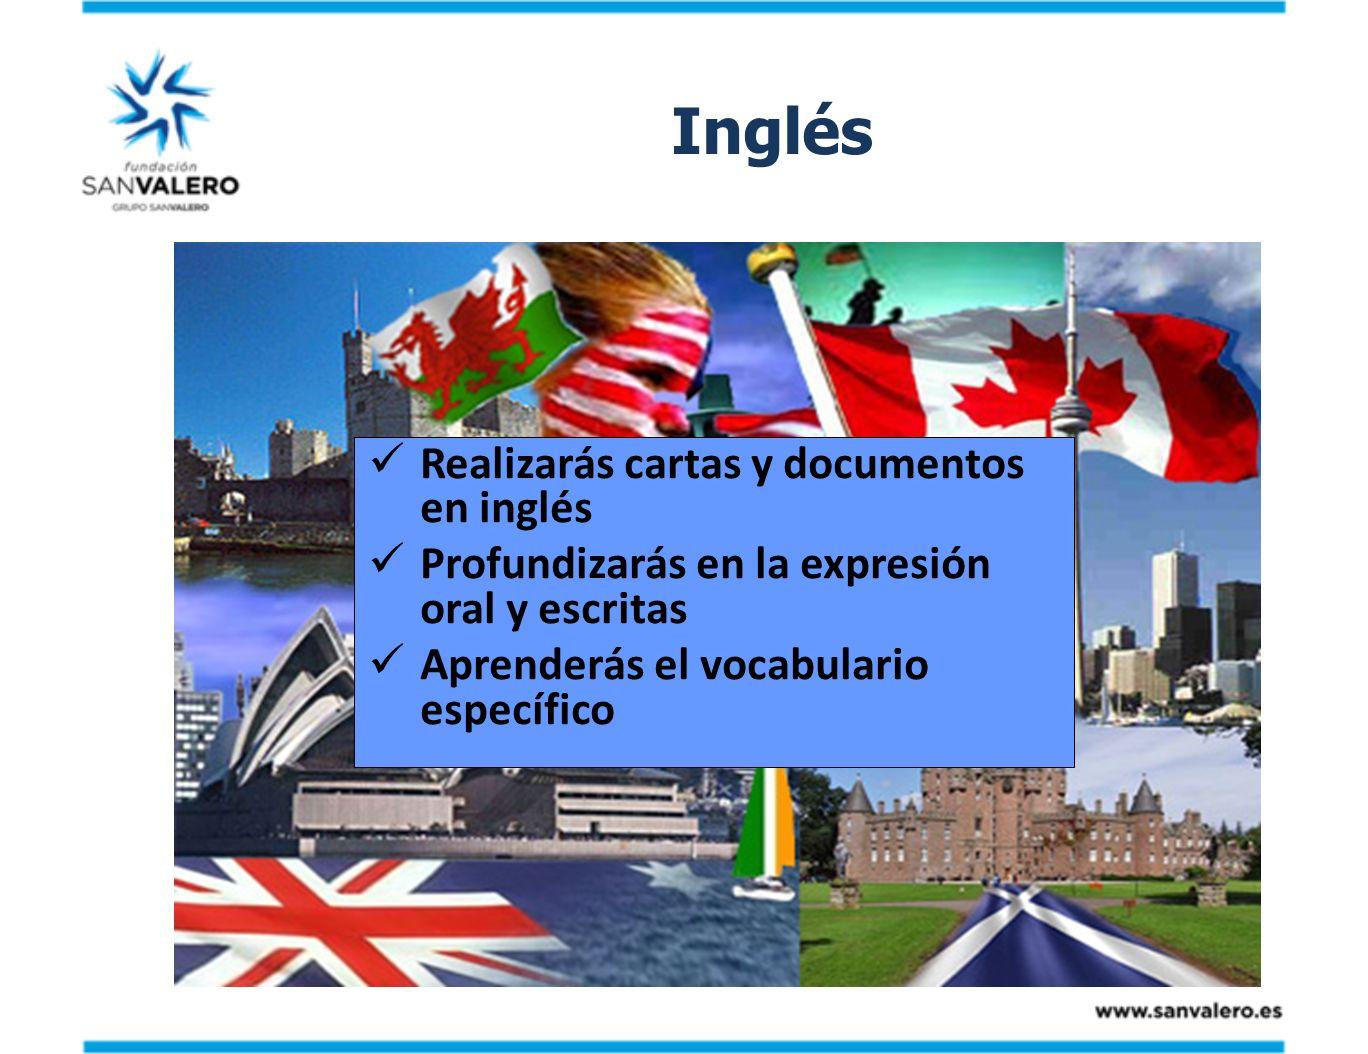 Inglés Realizarás cartas y documentos en inglés Profundizarás en la expresión oral y escritas Aprenderás el vocabulario específico